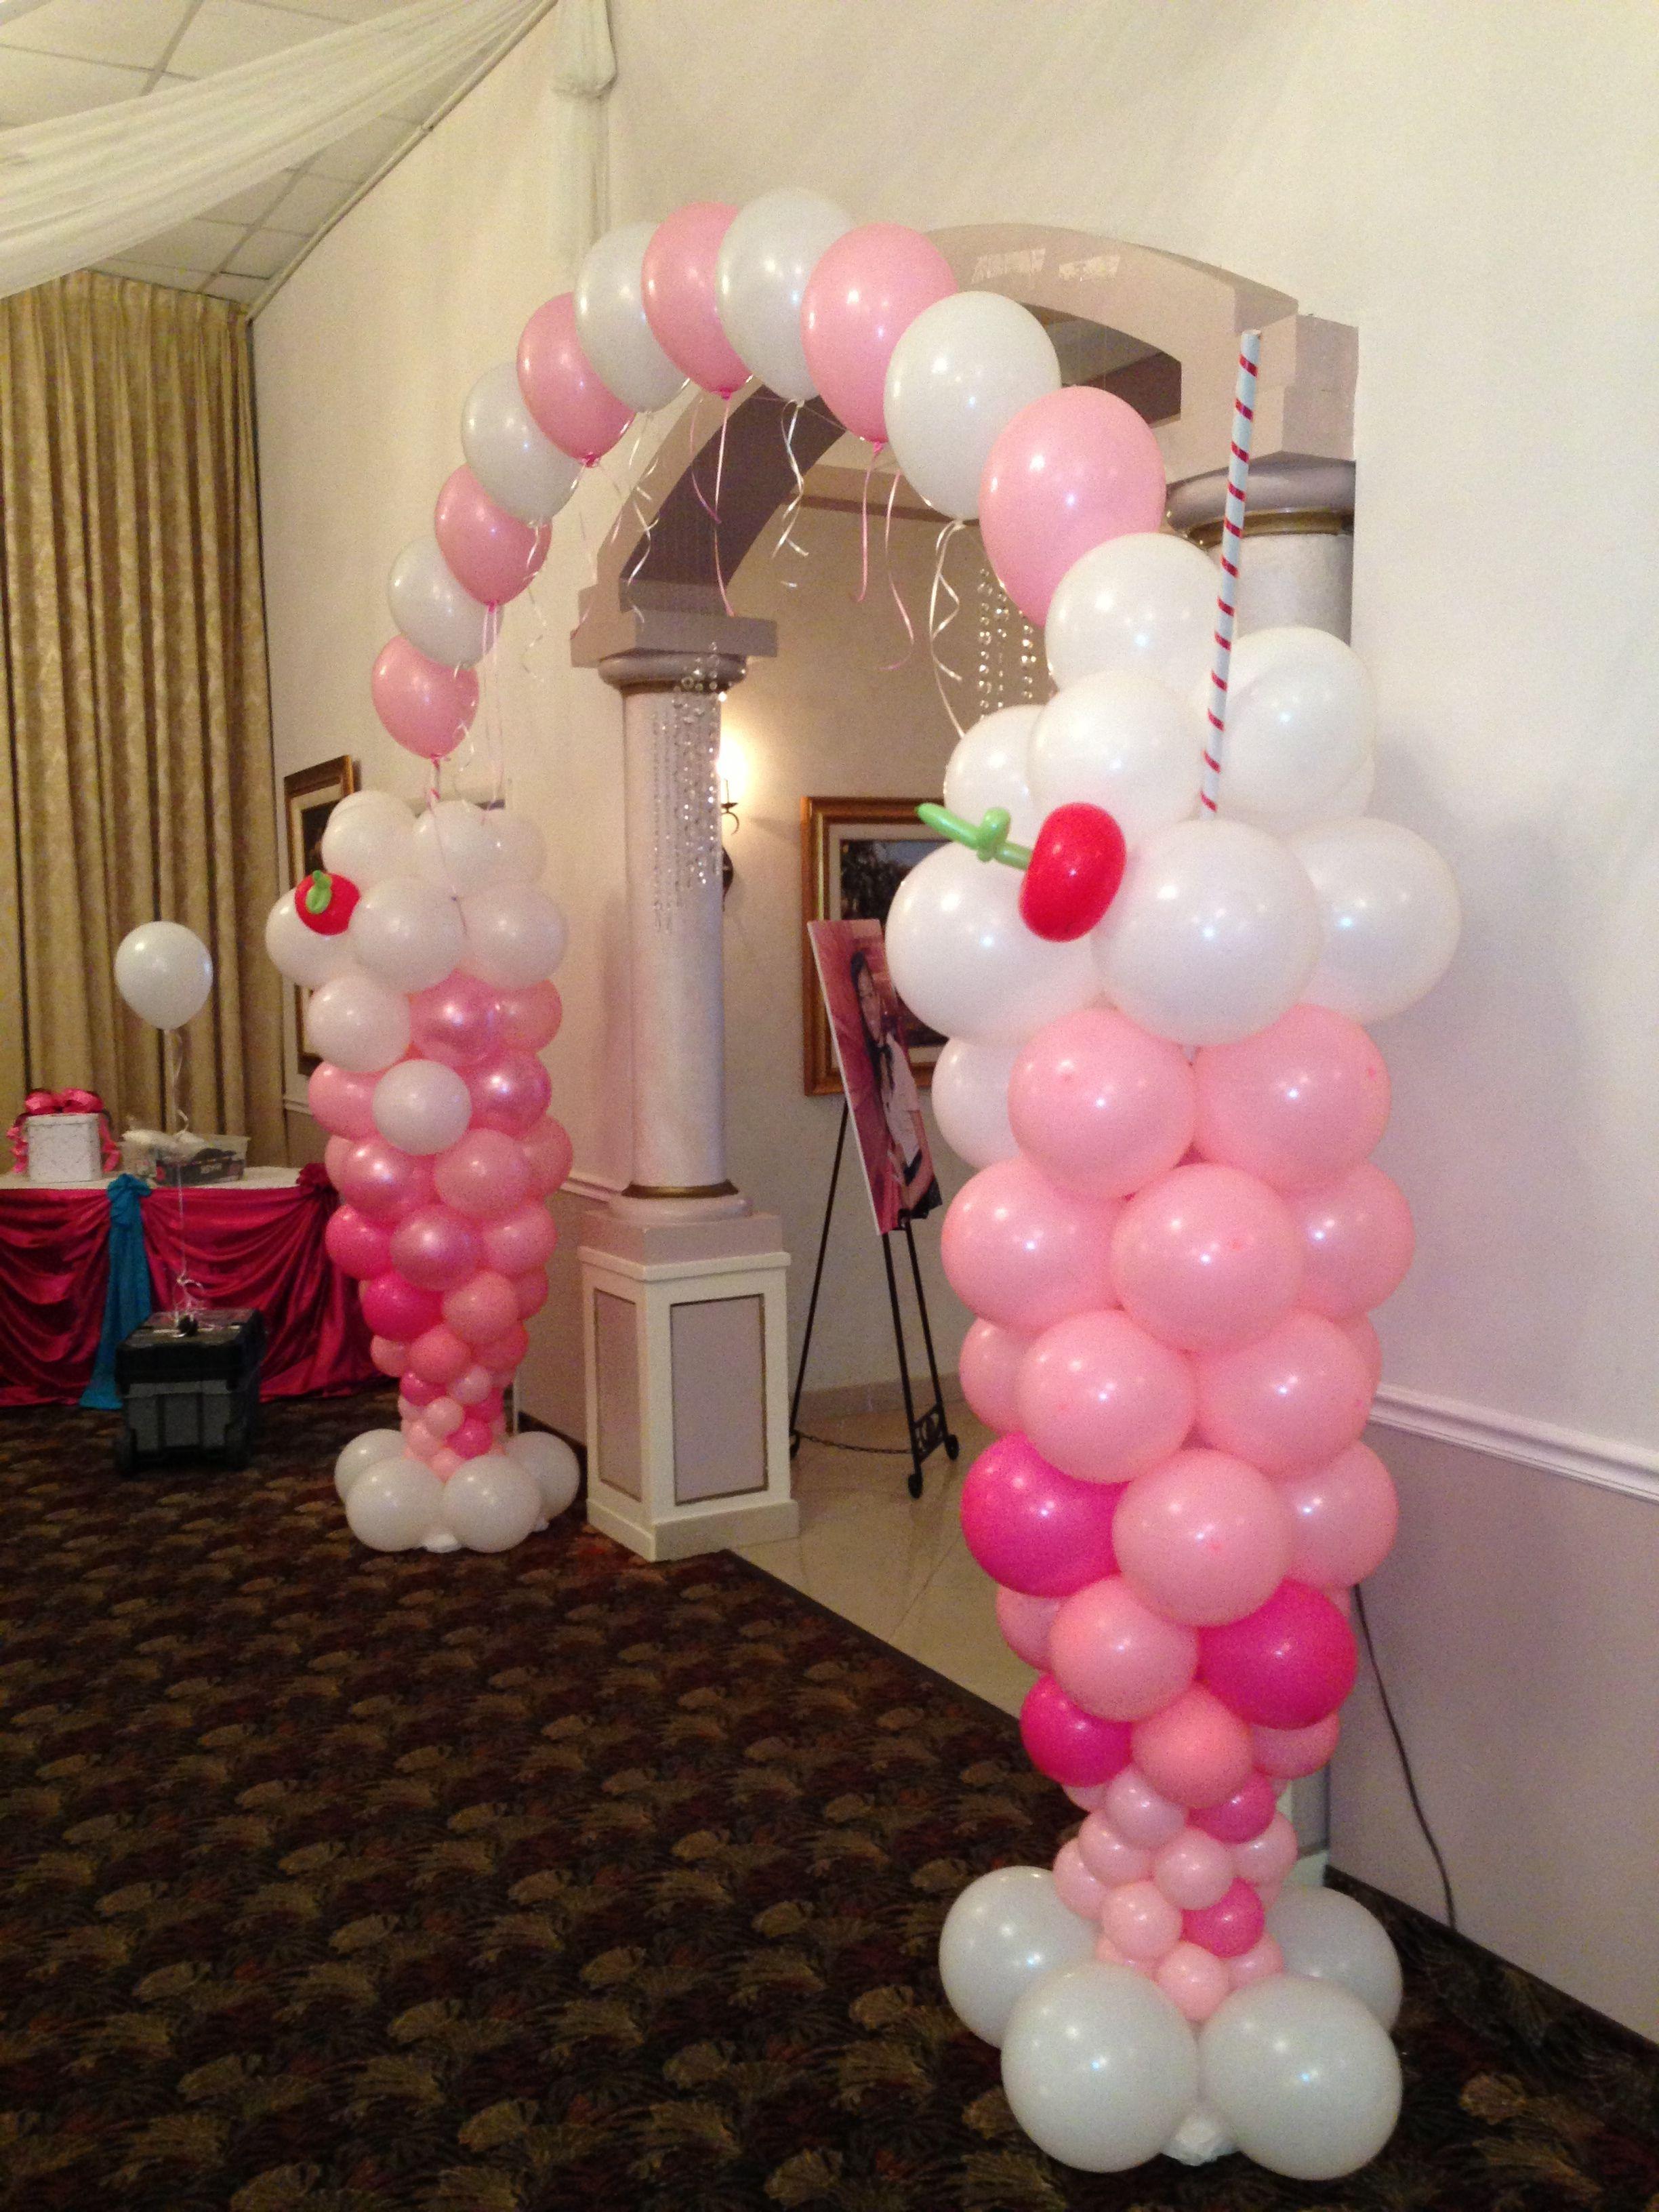 Ice cream balloon arch for entrance balloon decor pinterest ice cream balloons balloon